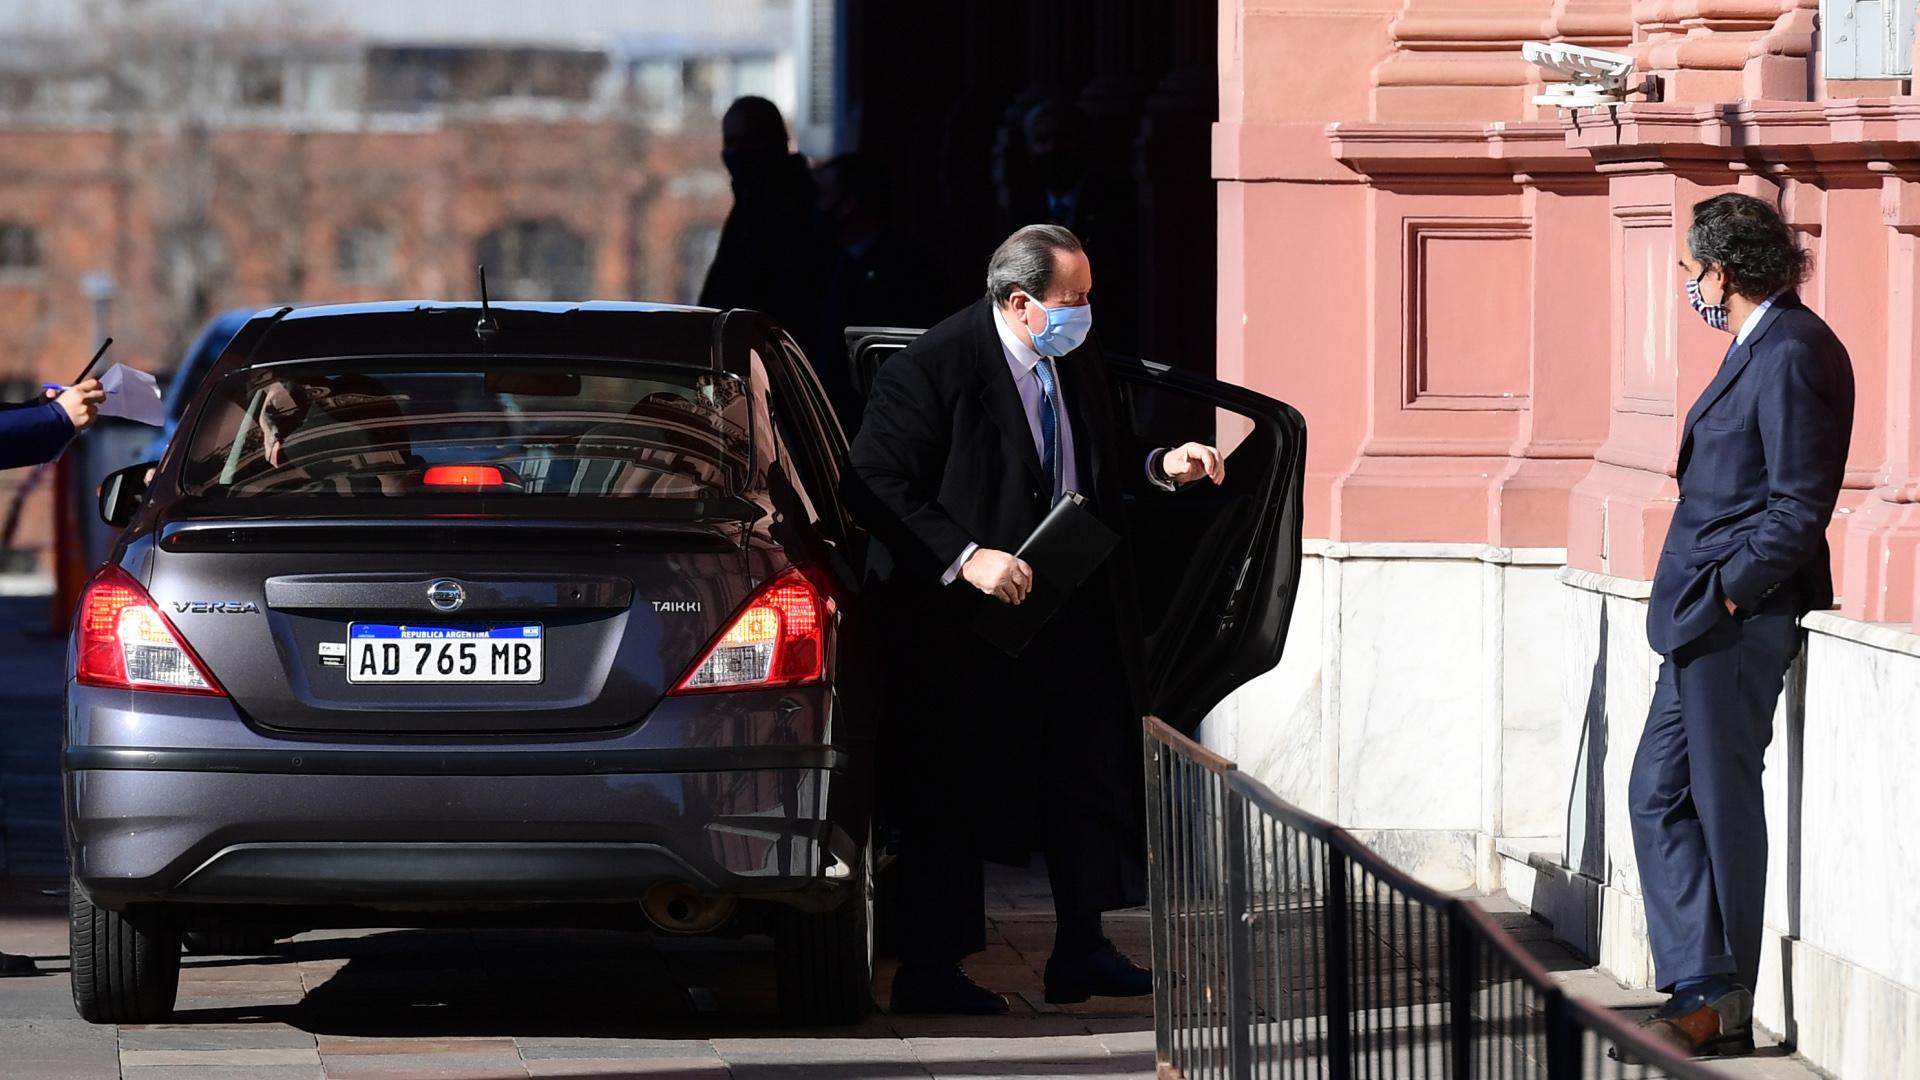 El ex ministro de Seguridad de la provincia de Buenos Aires, León Arslanián